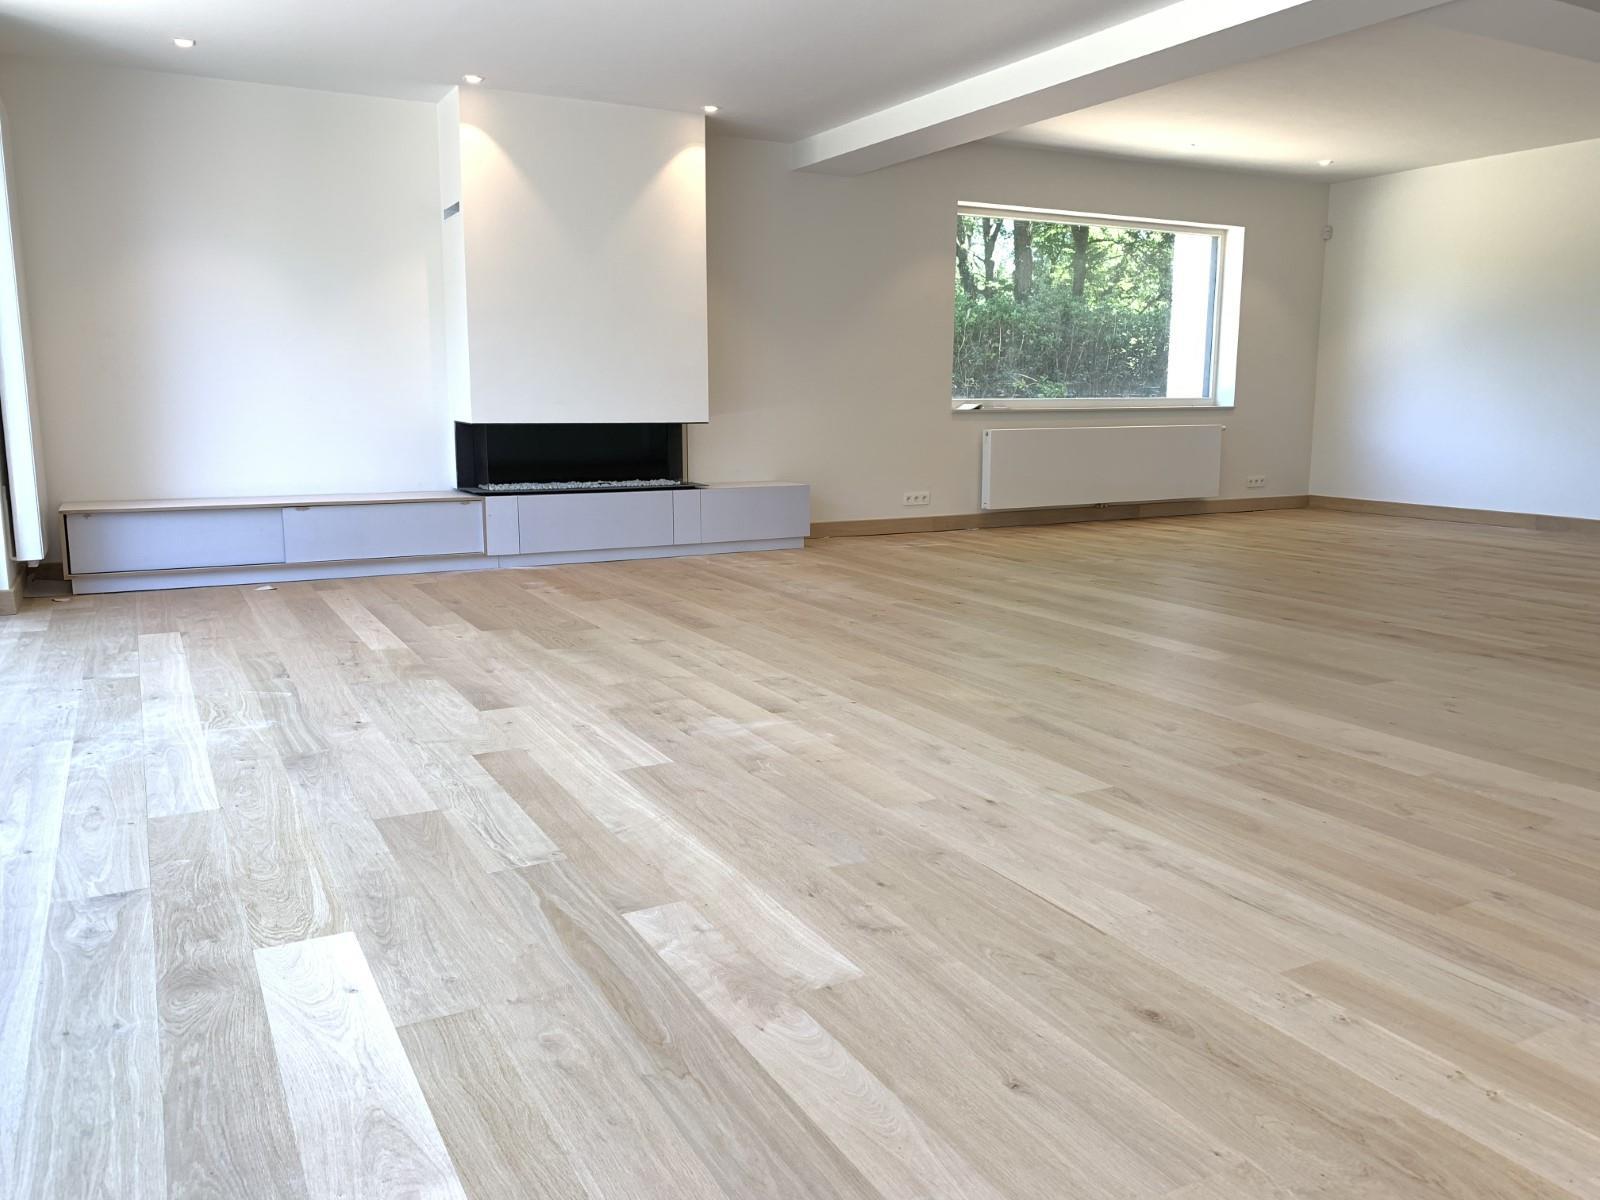 Villa - Uccle - #4157609-3